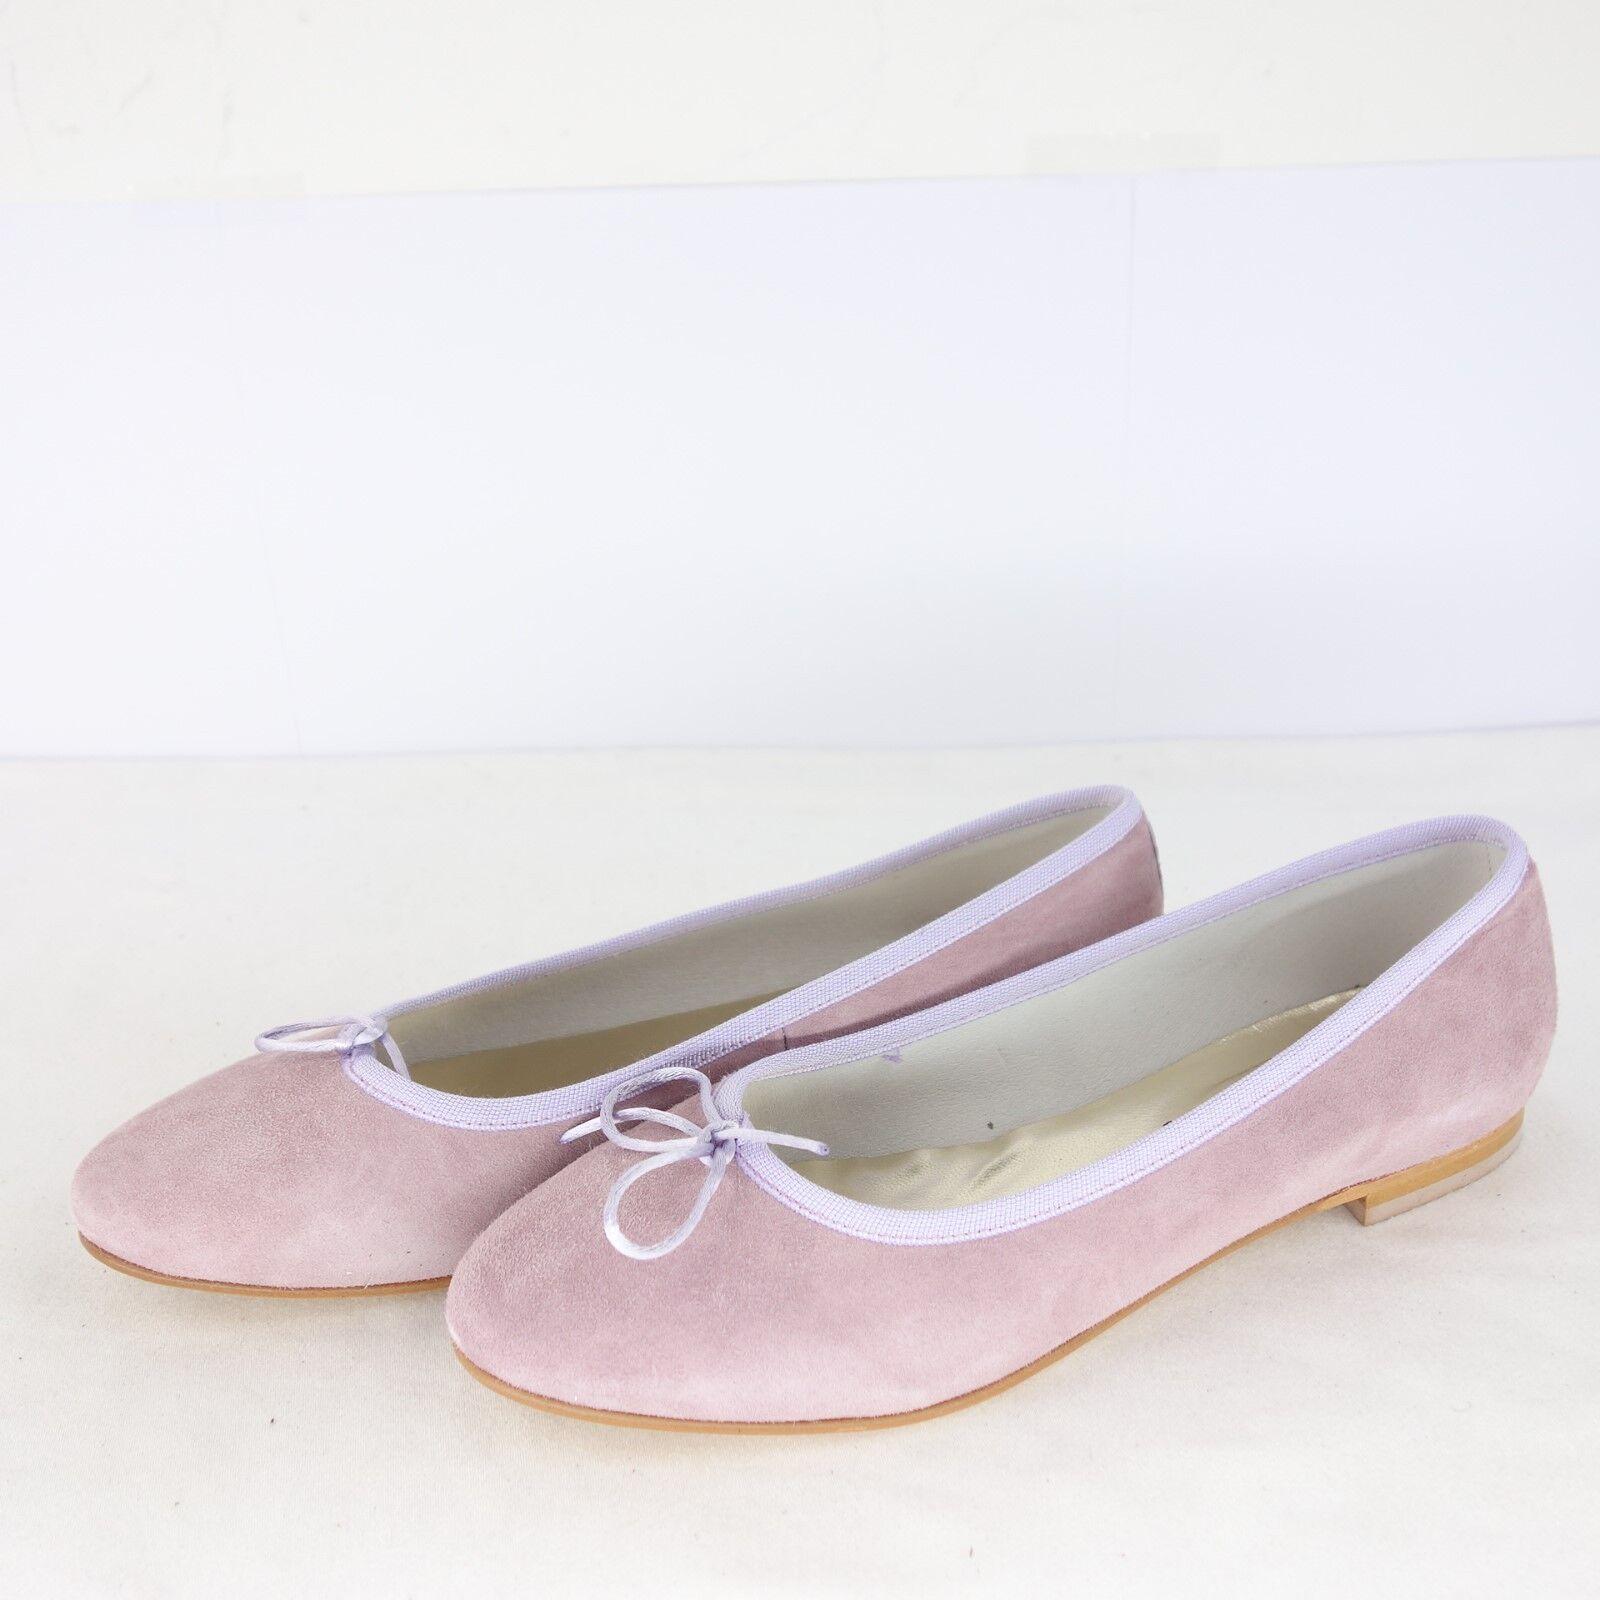 Paoliballerina zapatos señora bailarinas cuero cuero cuero rosadodo serraje bucle NP 139 nuevo  barato en alta calidad